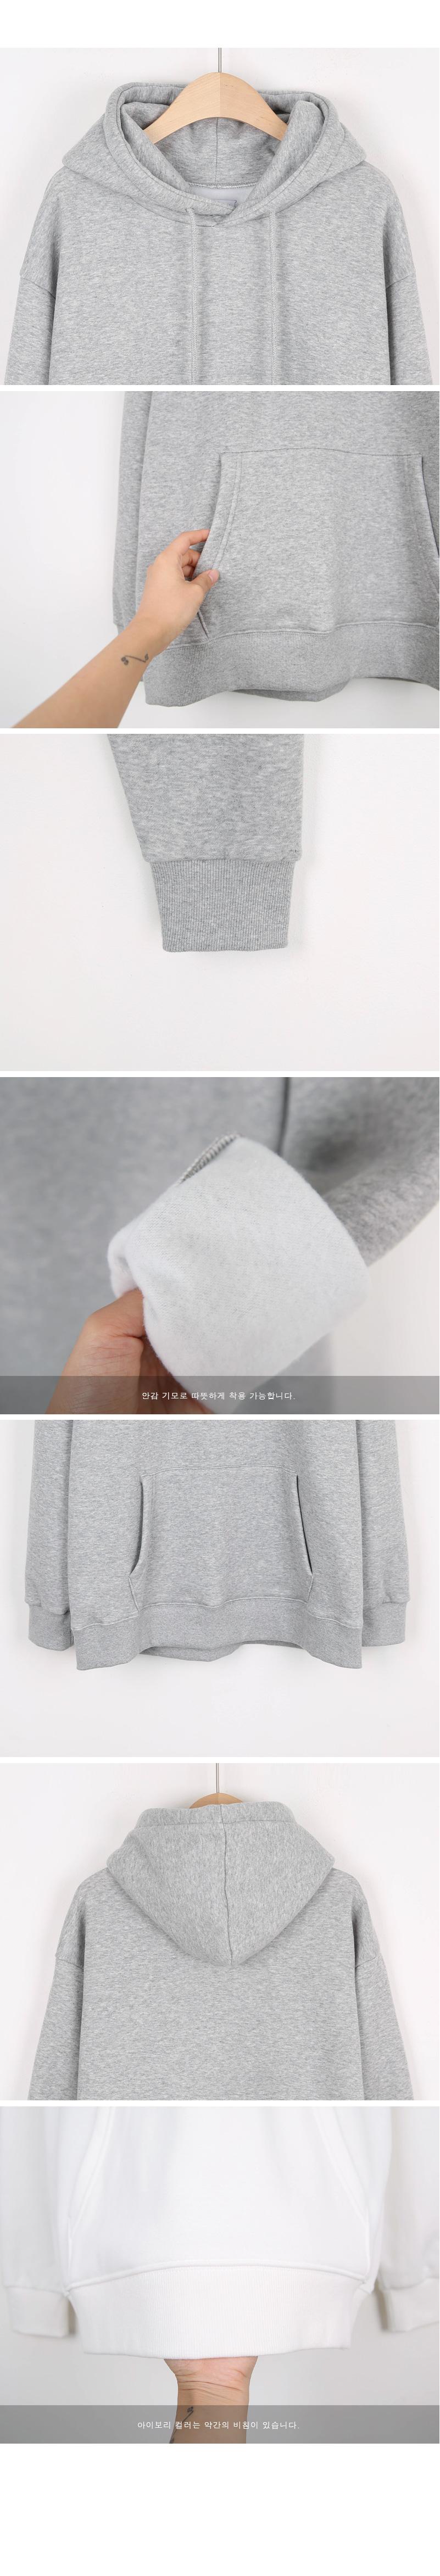 Brushed hoodies